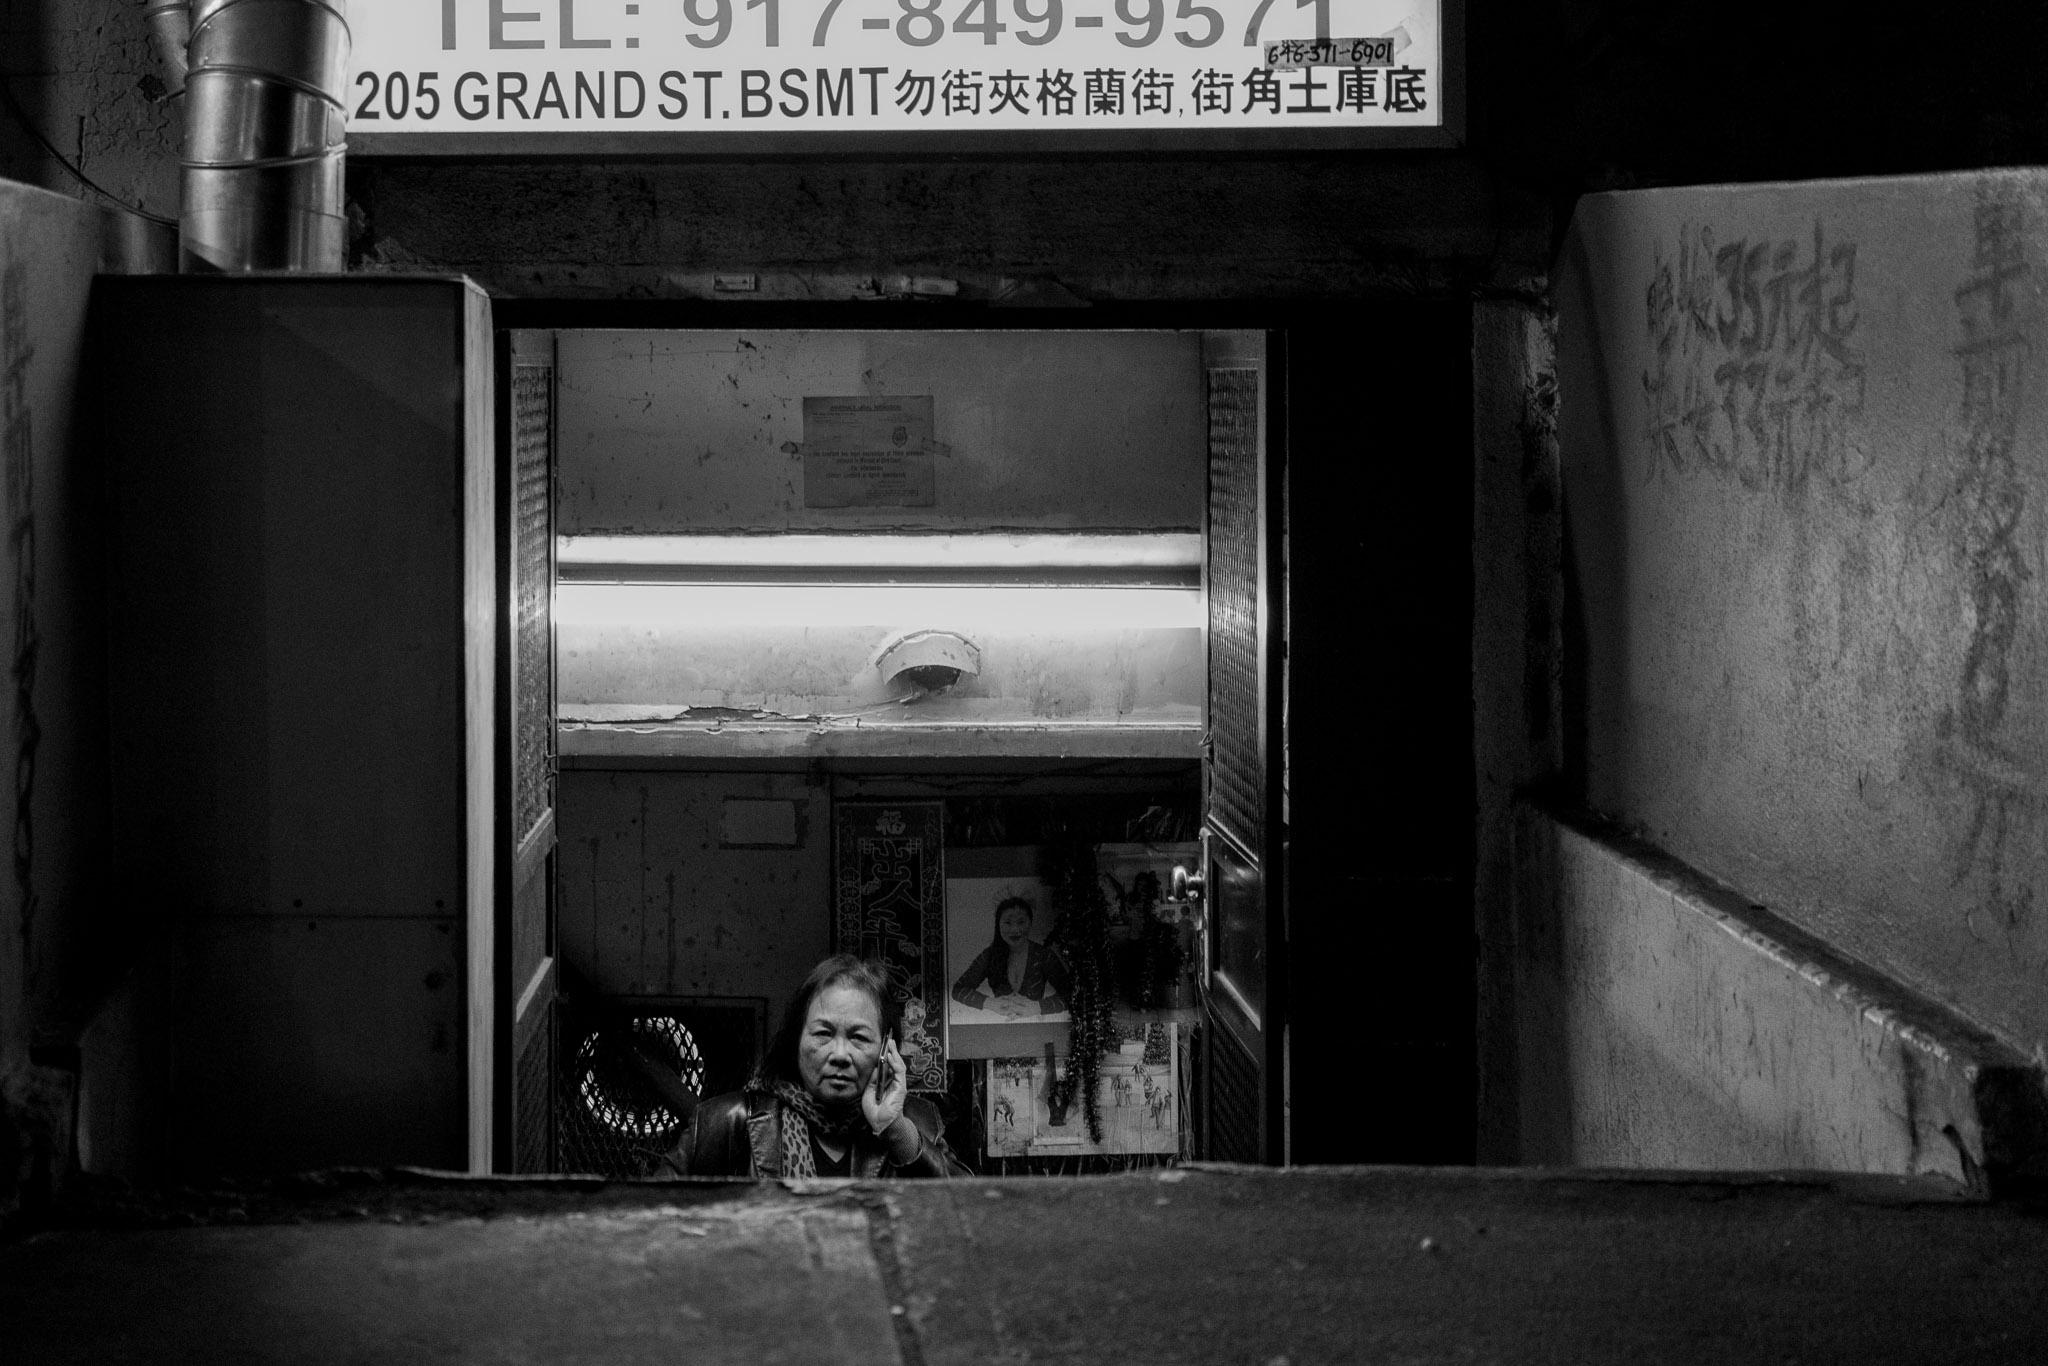 chinatown_night_002.jpg